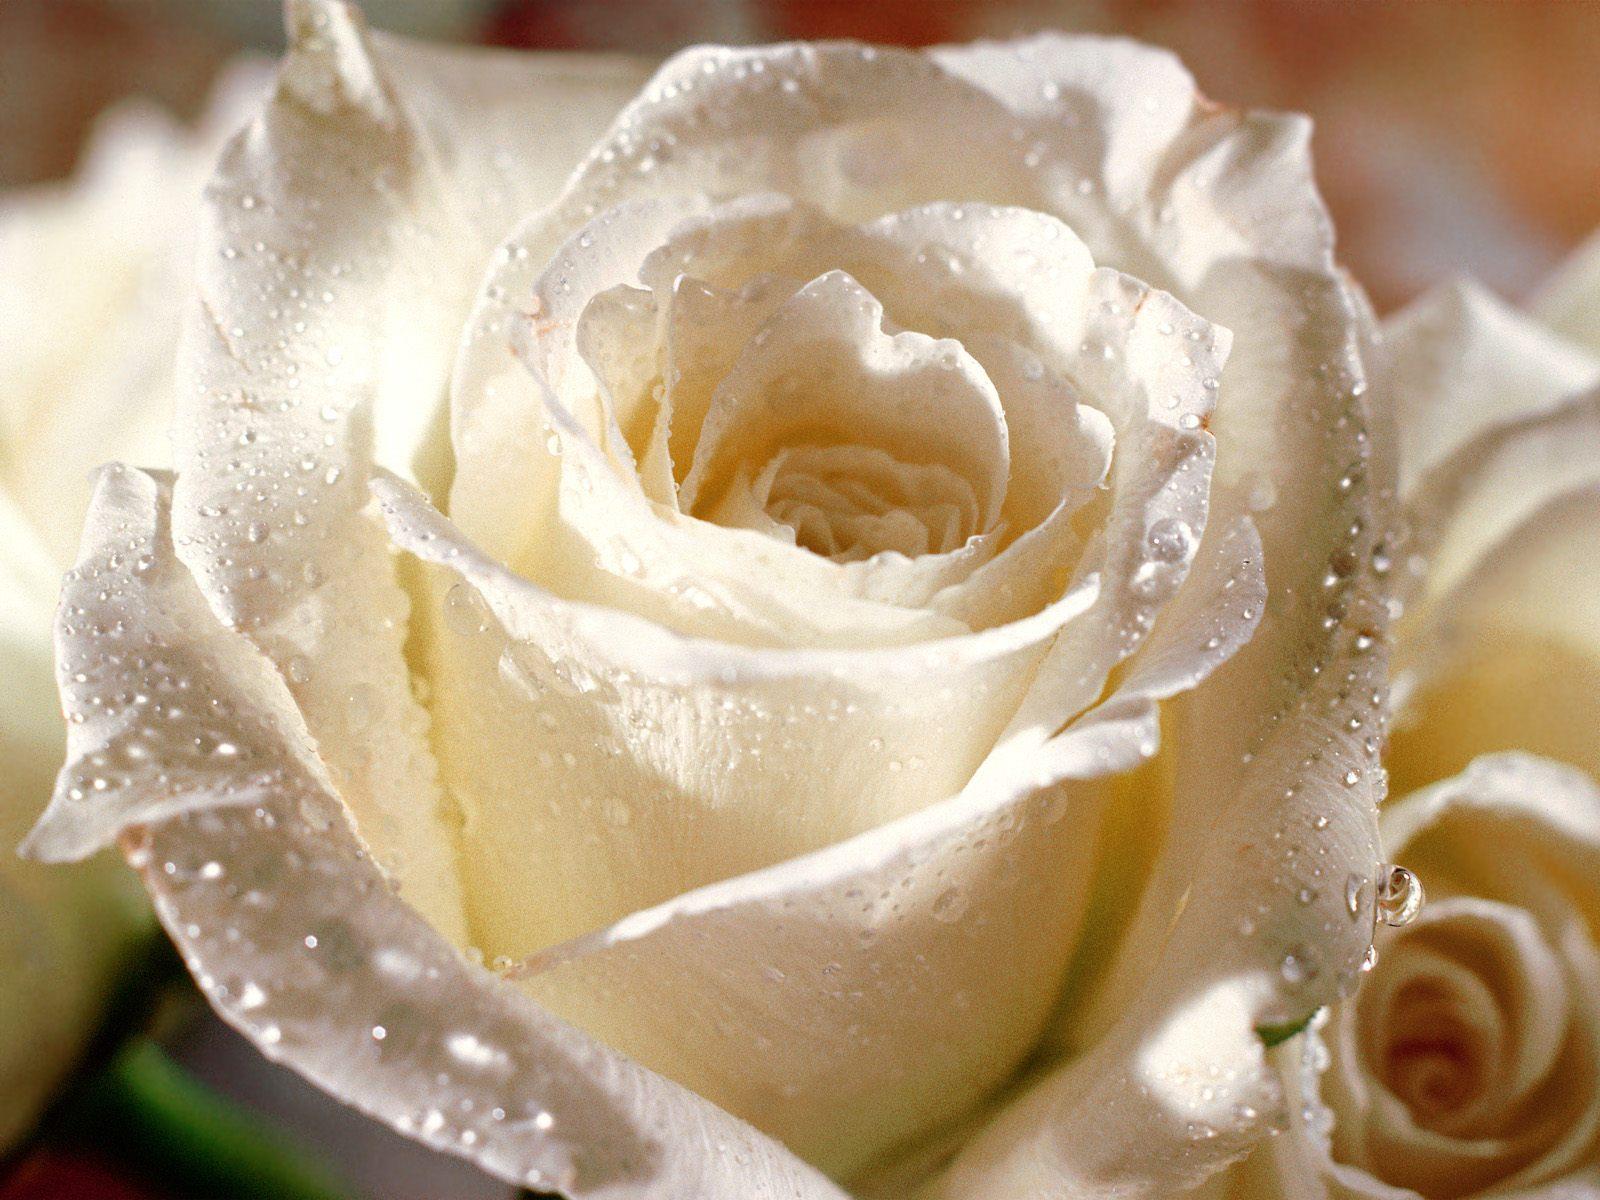 bloomed white roses wallpaper - photo #38